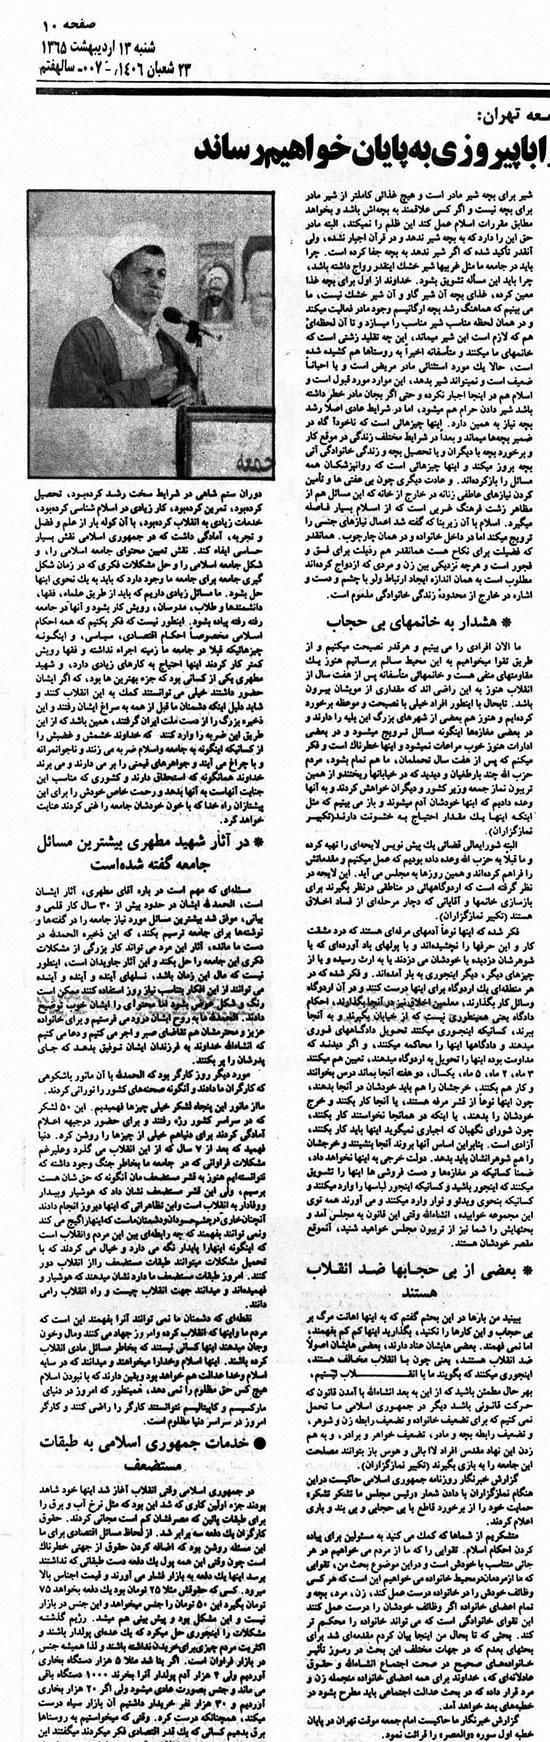 پاسخ زاکانی به هاشمی: پدر مرحومتان دنبال فرستادن زنان بدحجاب به اردوگاه کار اجباری بود - 21